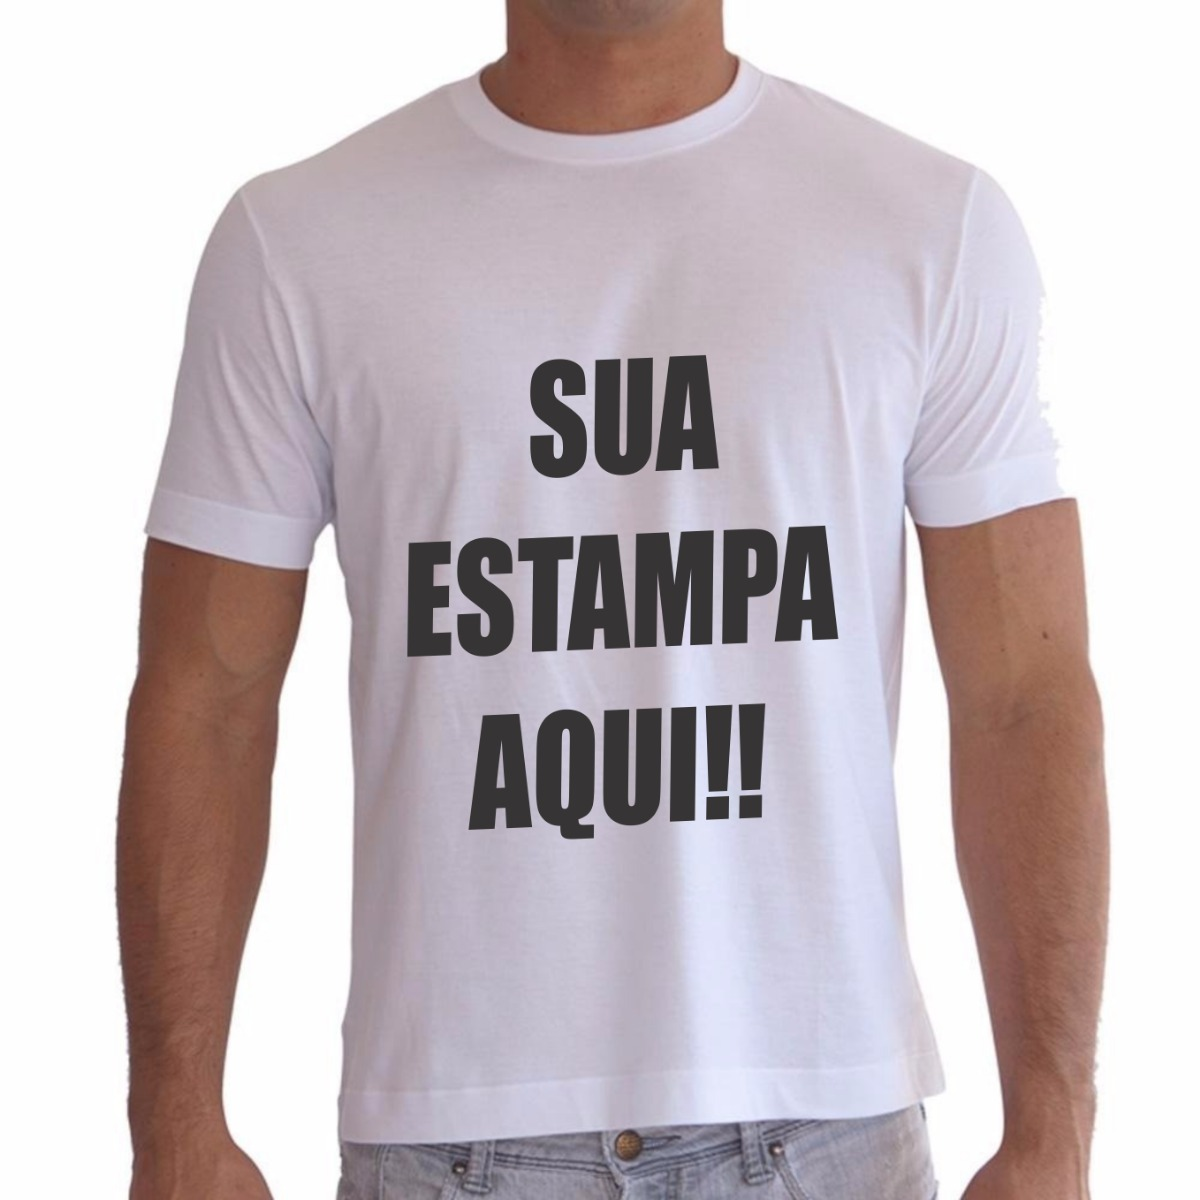 a2d32e3a8 camiseta personalizada com sua estampa foto imagem festas. Carregando zoom.